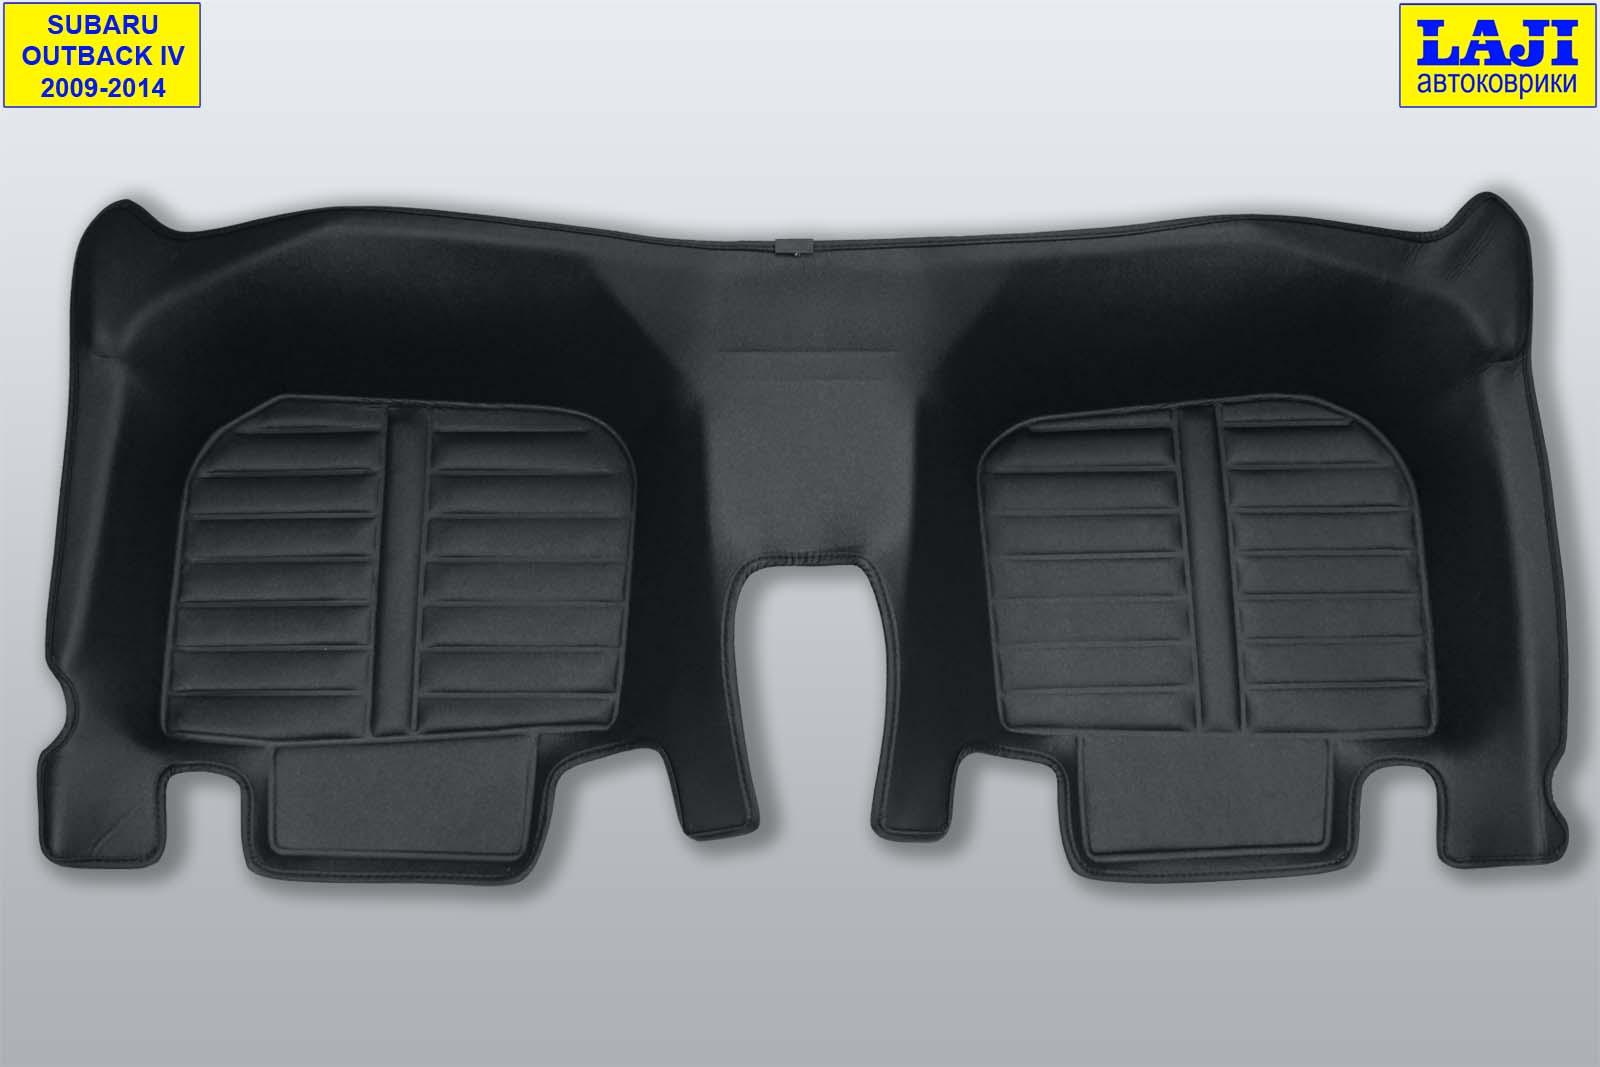 5D коврики в салон Subaru Outback 4 2009-2014 9